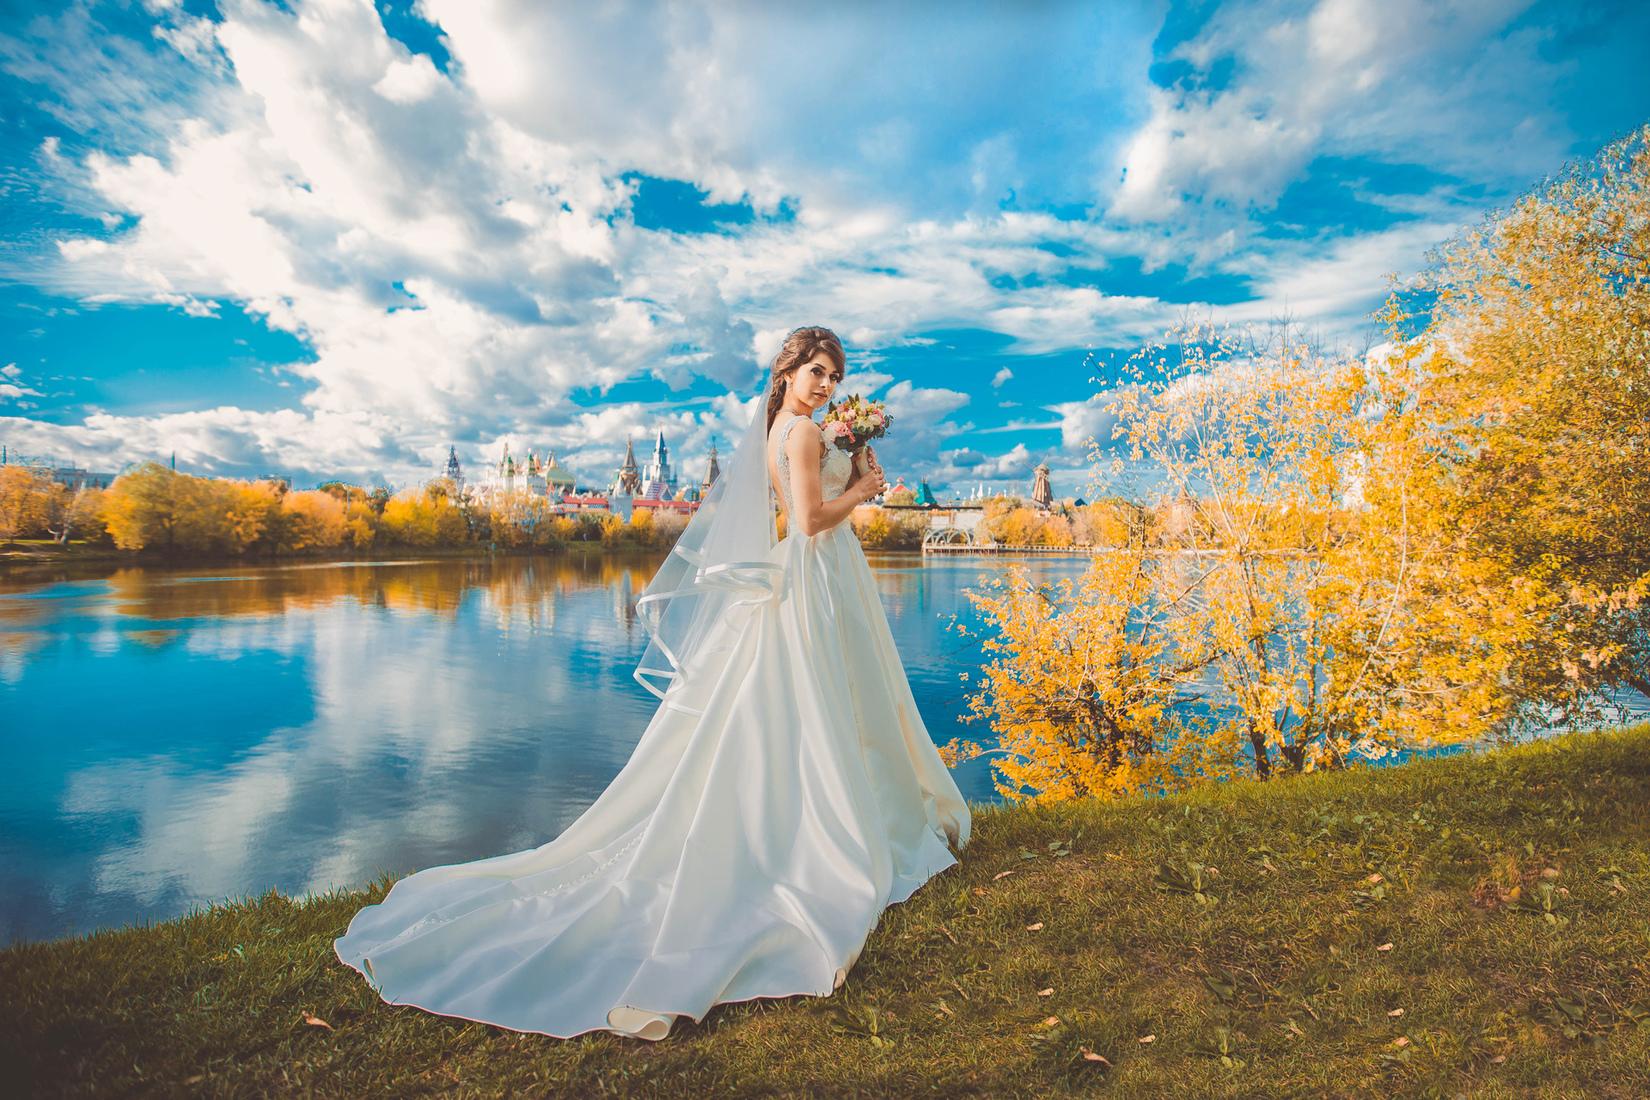 Юлия гавриленко работа для девушки в подольске